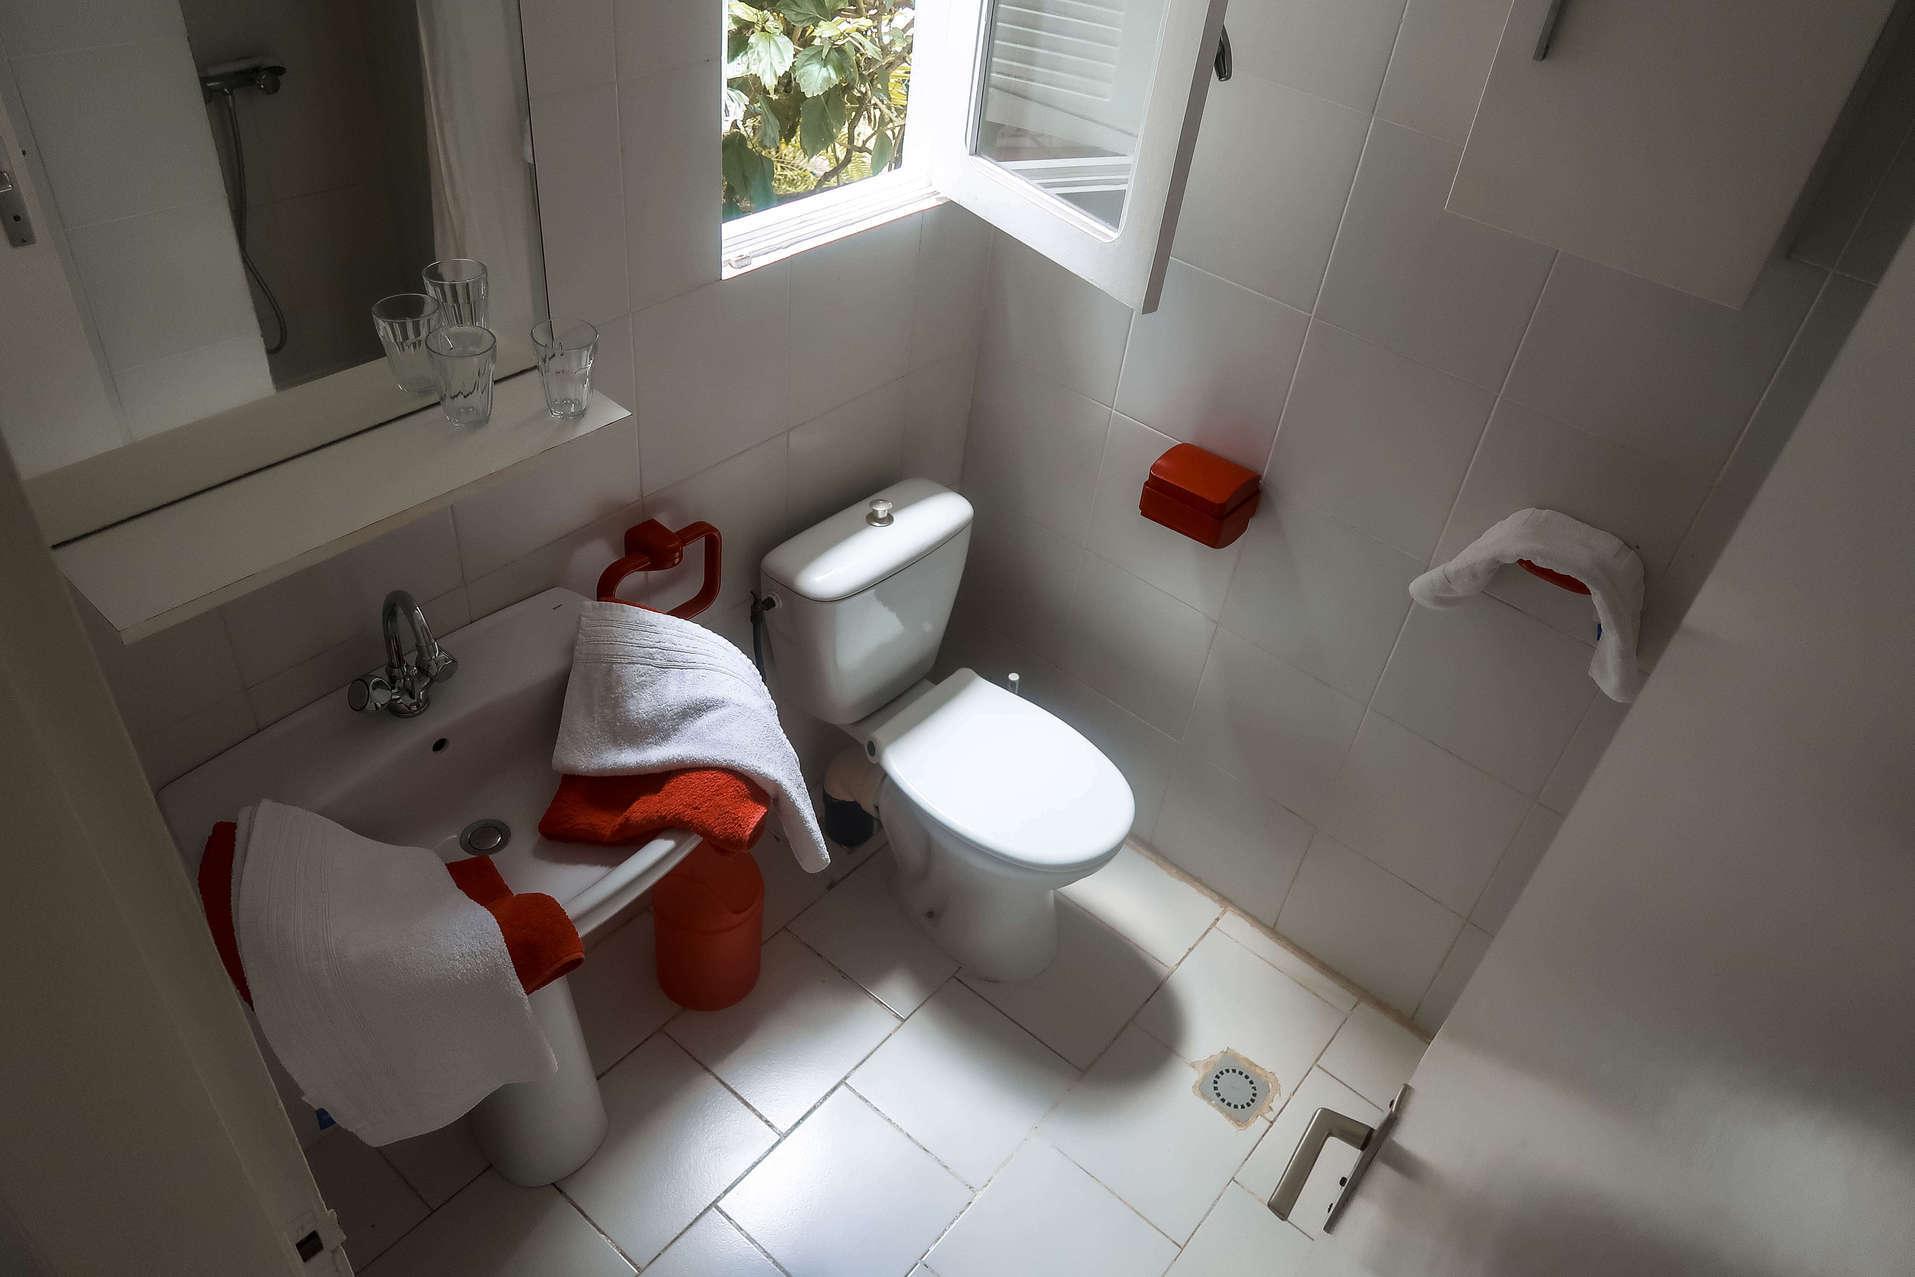 habitation-abricot-location-saisonniere-studio-vue-salle-de-bain